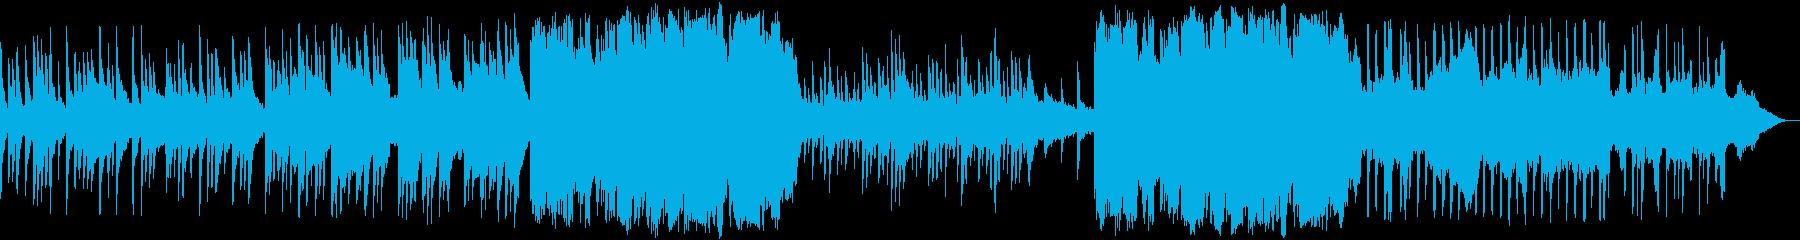 悲しい子守唄のような和のピアノ音楽の再生済みの波形